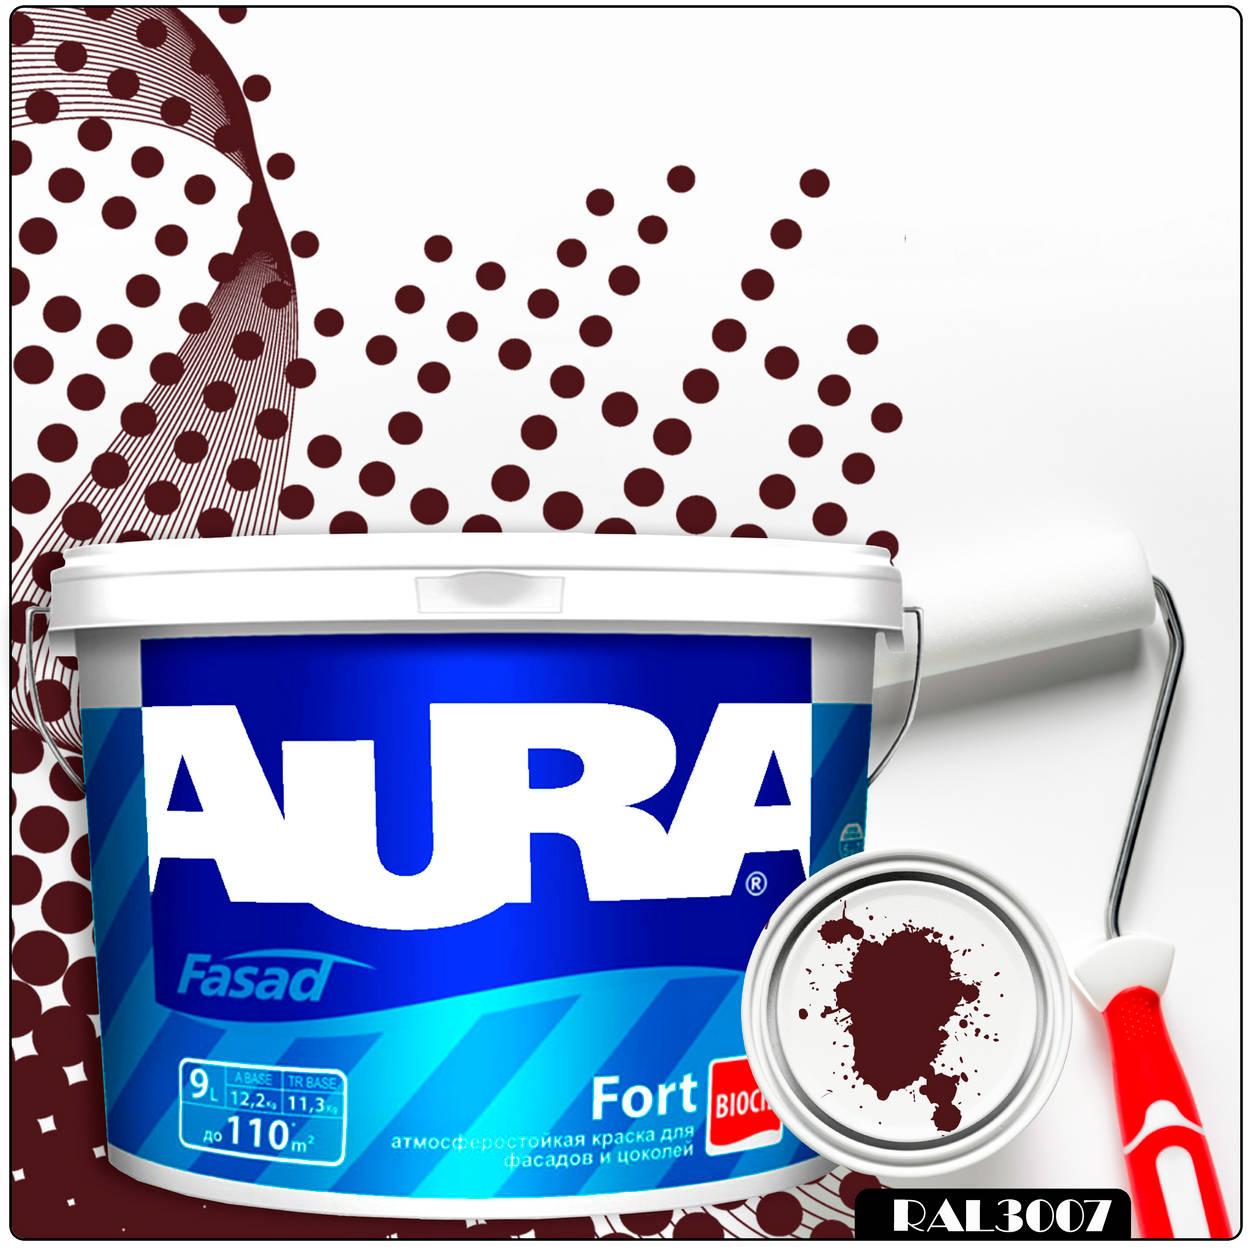 Фото 7 - Краска Aura Fasad Fort, RAL 3007 Чёрно-красный, латексная, матовая, для фасада и цоколей, 9л, Аура.